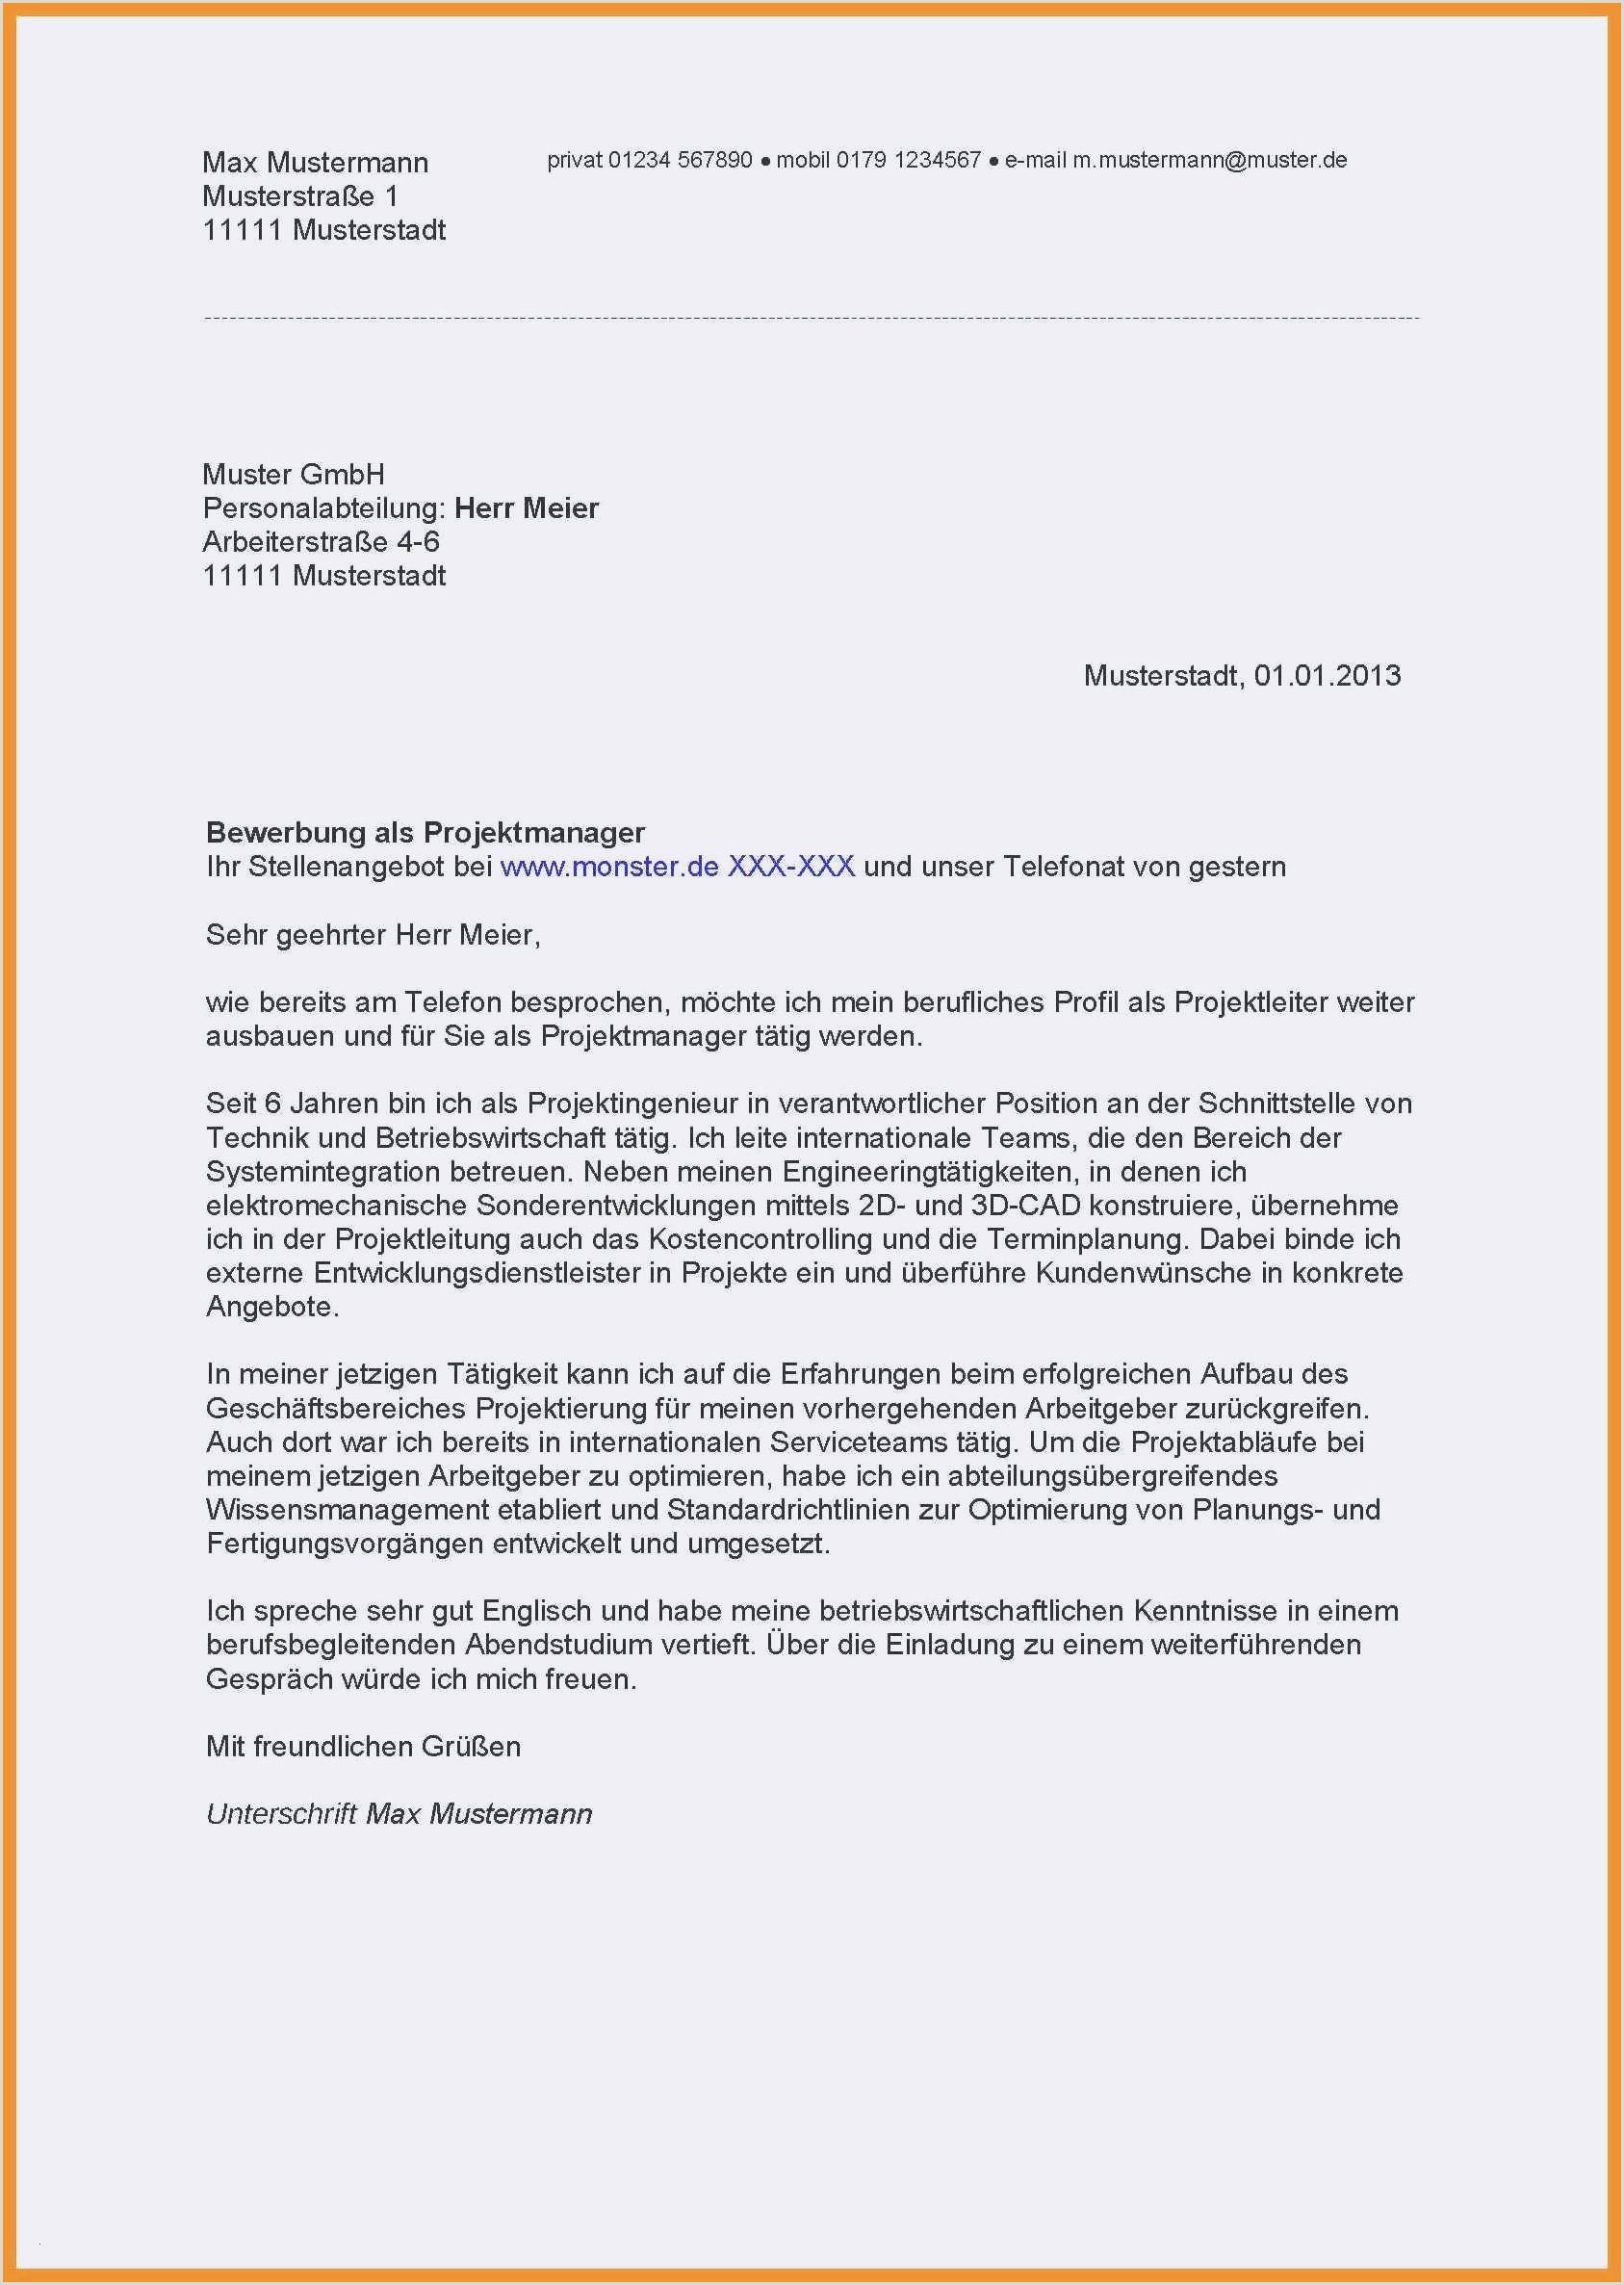 Lebenslauf Muster Nach Din 5008 13 Bewerbungsschreiben Din 5008 Vorlage 2015